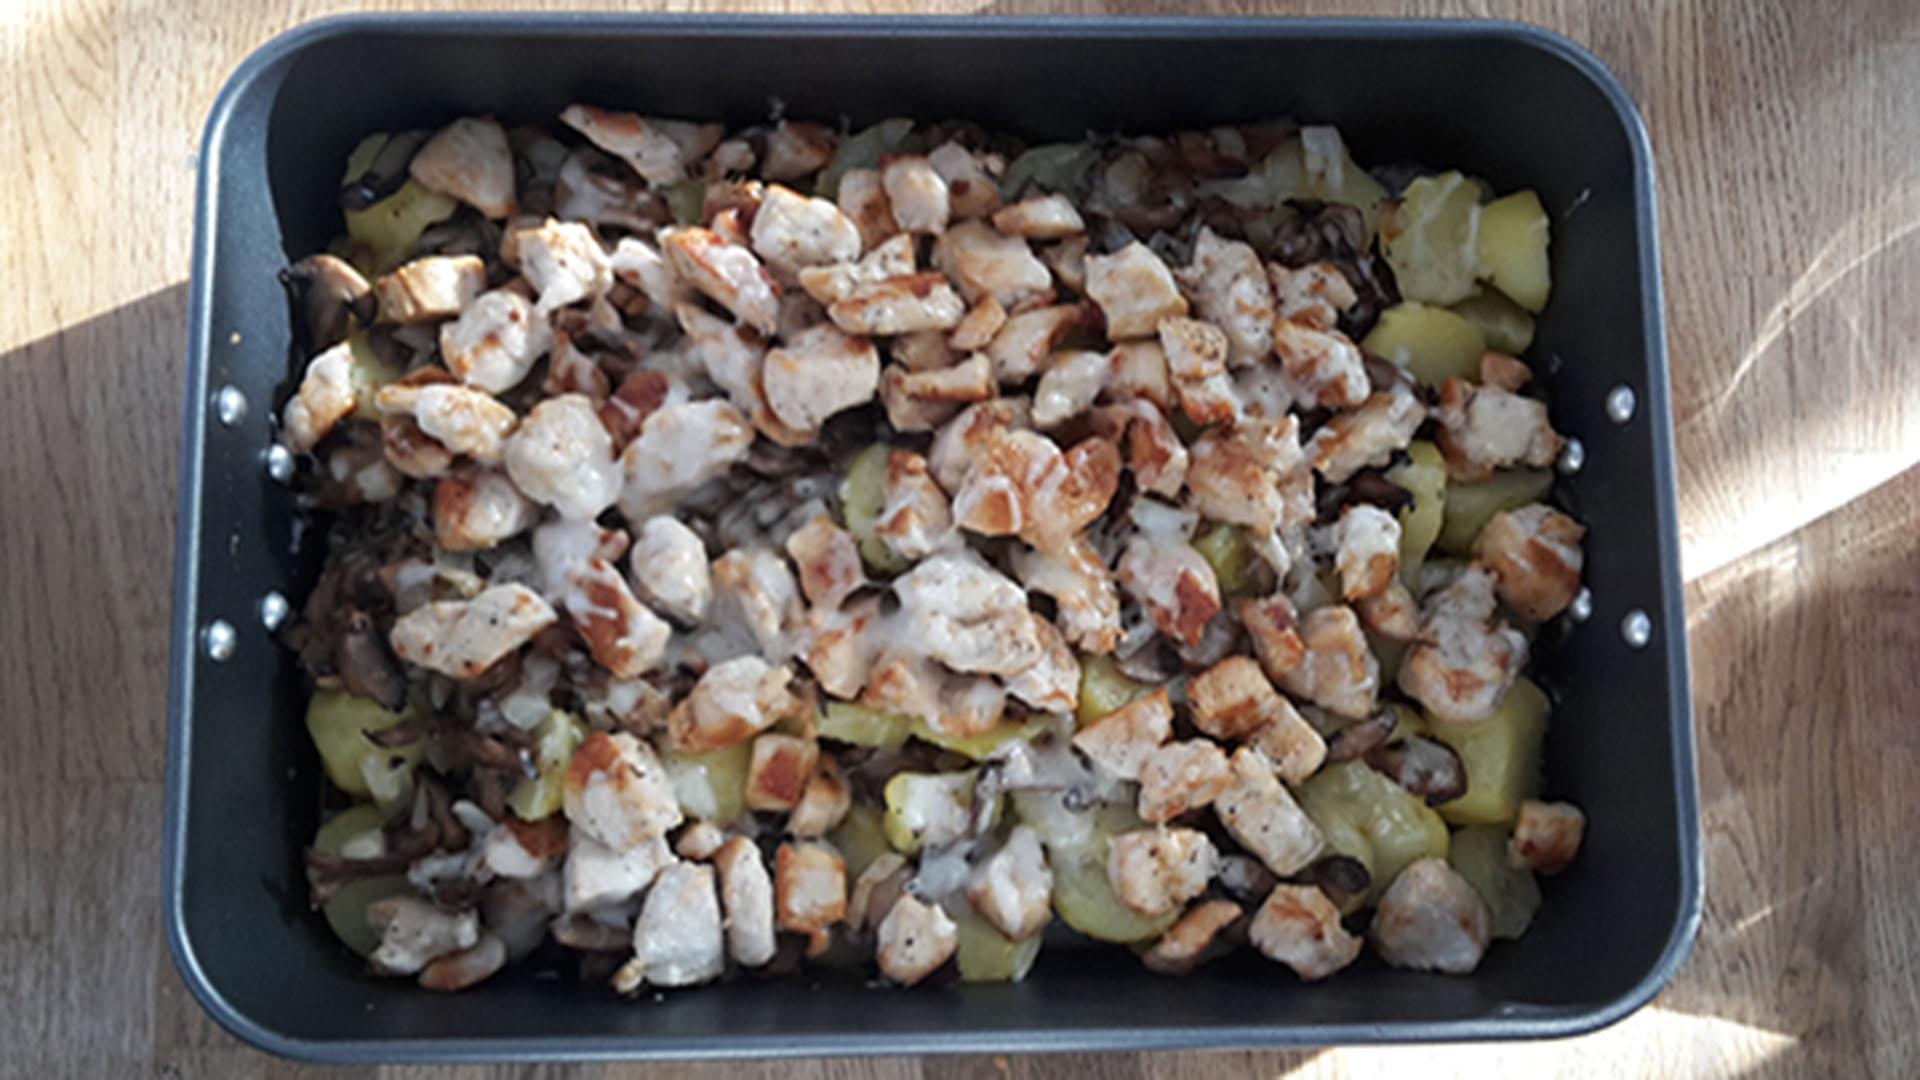 Hähnchen Pilz Auflauf Rezept Mit Bild Kochen Verstehende